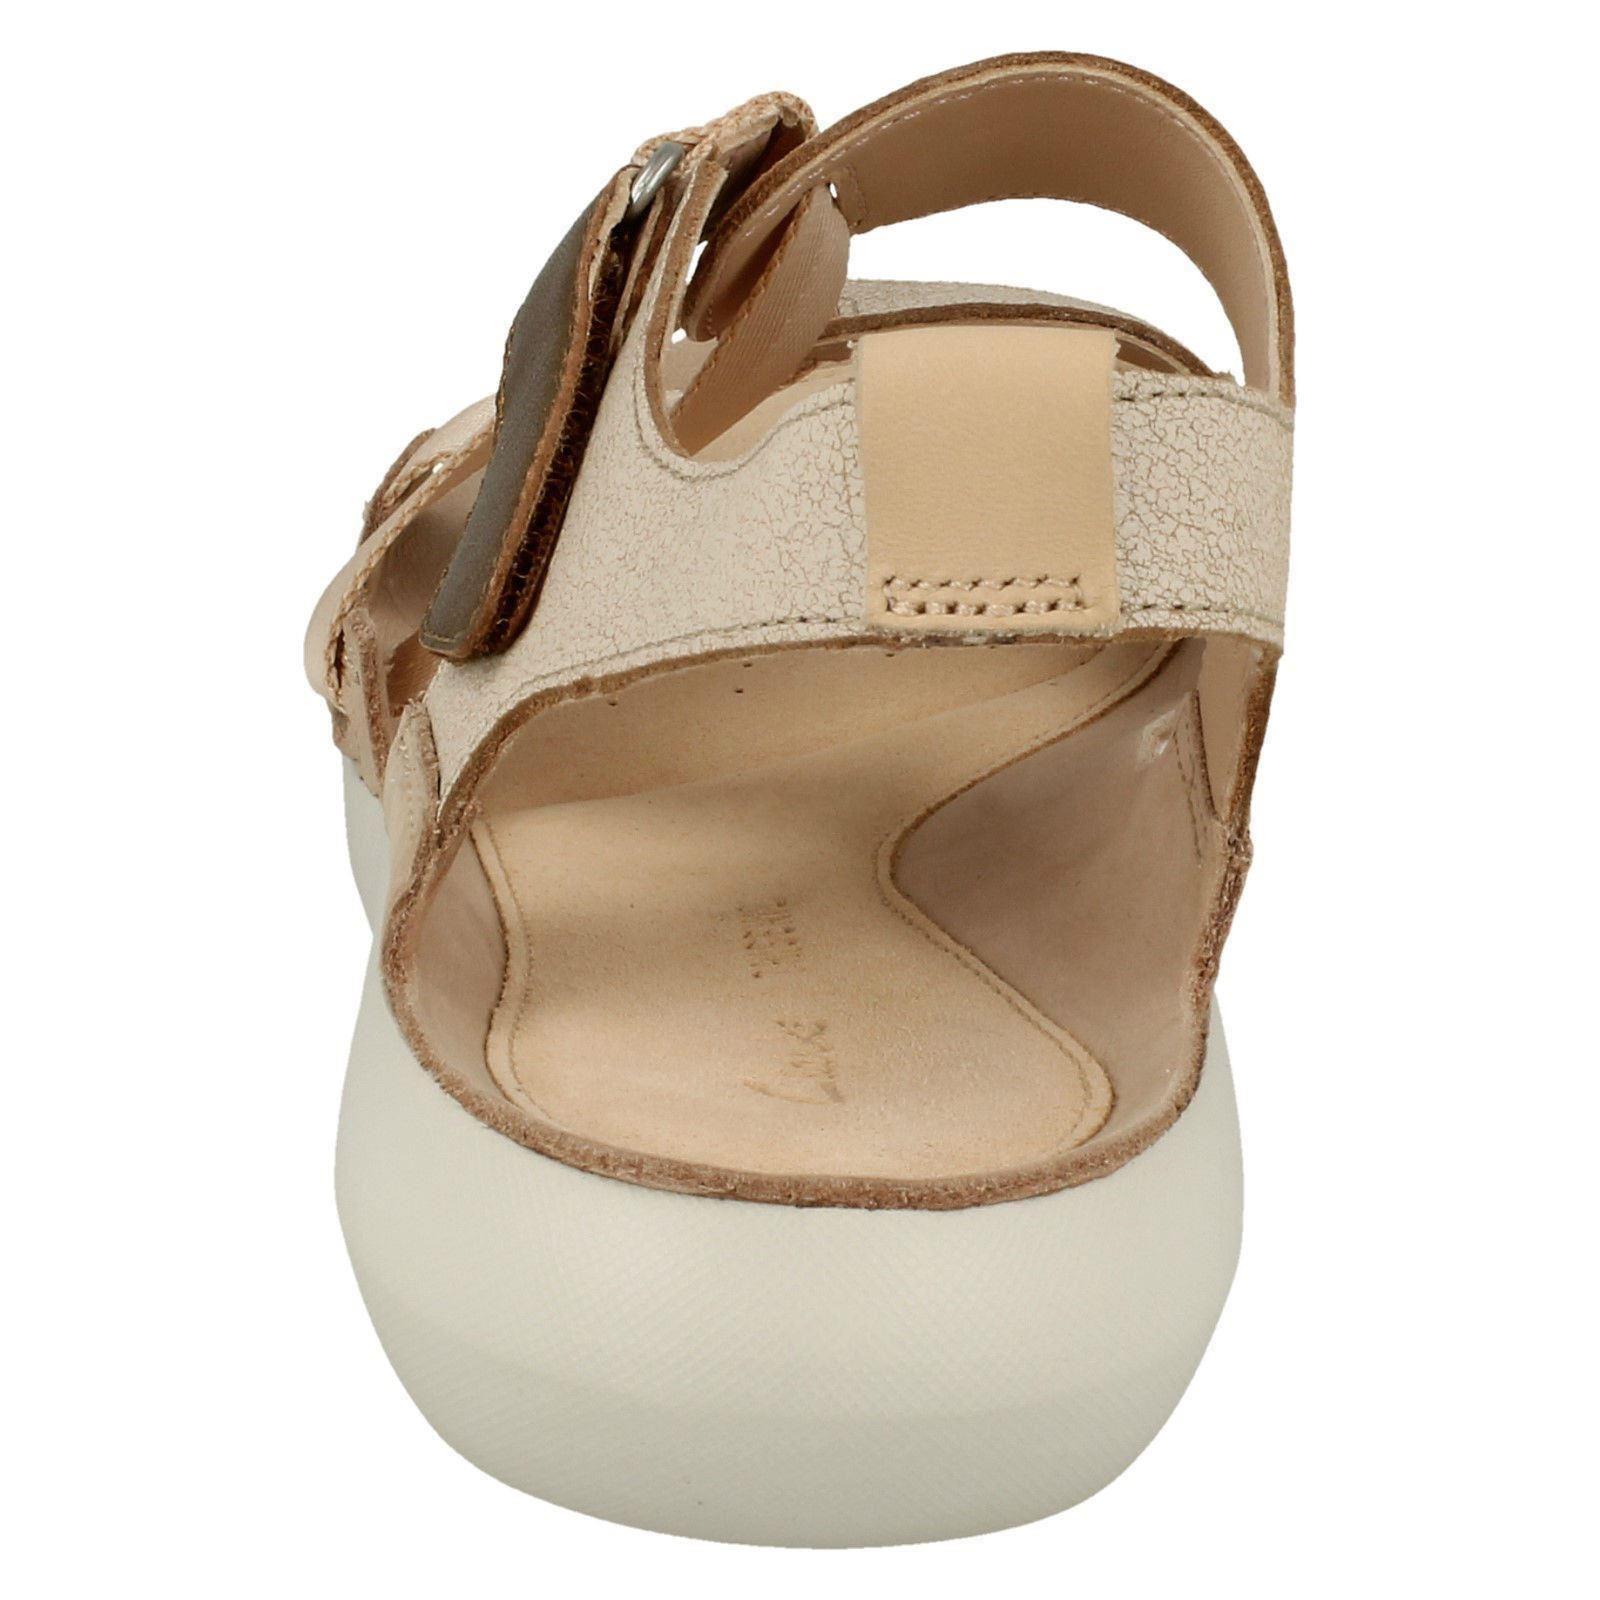 Ladies Clarks Sporty Leather Sporty Clarks Sandals *Tri Clover* ac705b